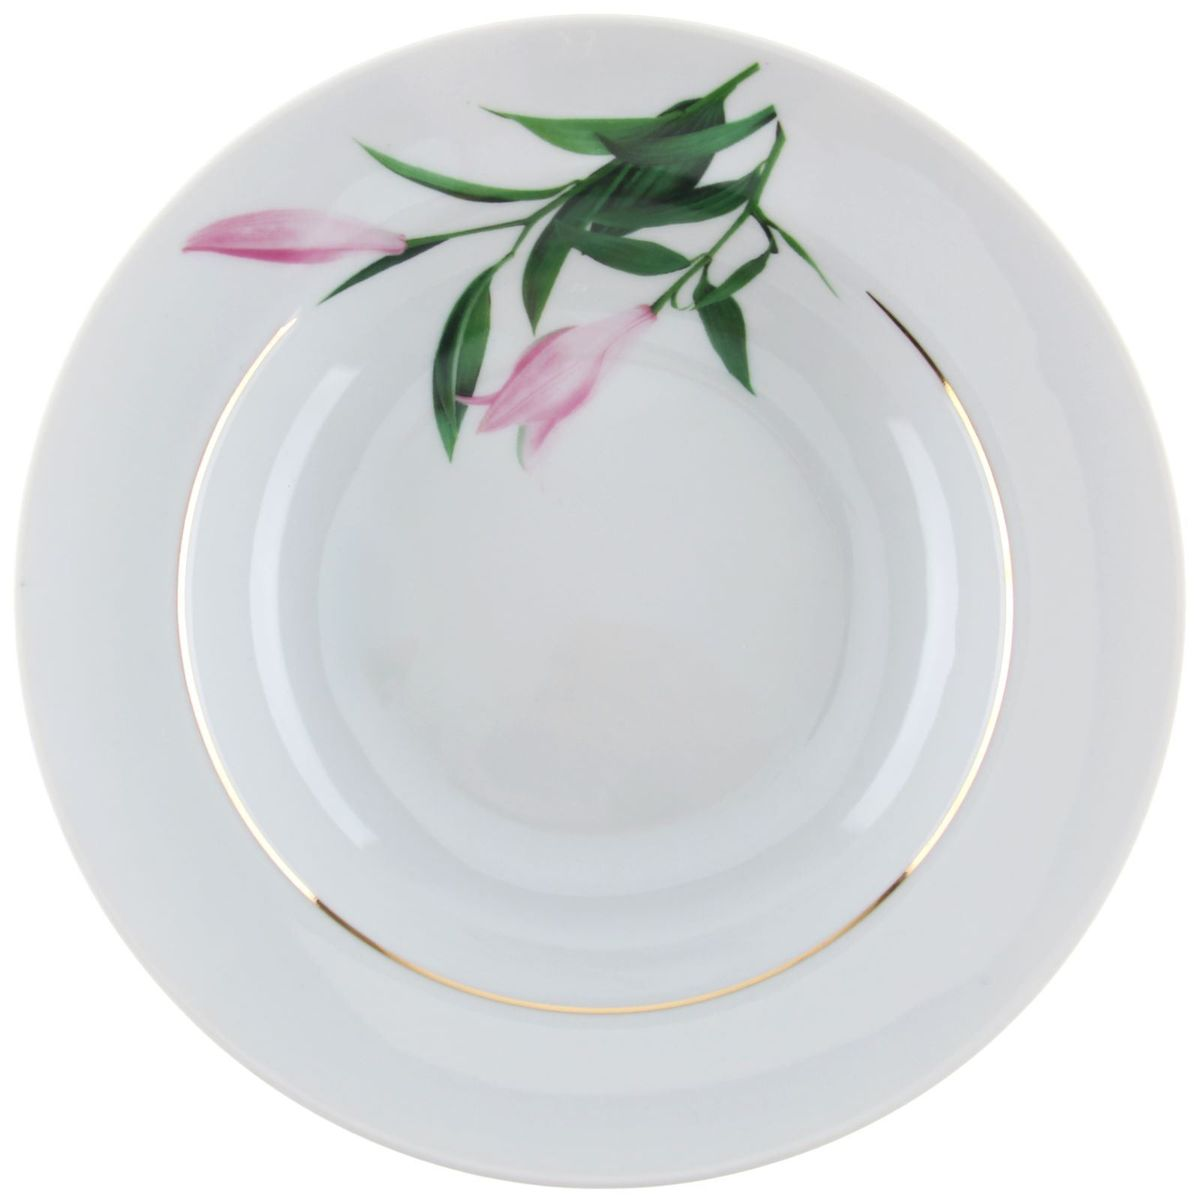 Тарелка глубокая Идиллия. Бутон, диаметр 24 см54 009312Глубокая тарелка Идиллия. Бутон выполнена извысококачественного фарфора и оформлена цветочным рисунком.Изделие сочетает в себе изысканный дизайн с максимальнойфункциональностью. Тарелка прекрасно впишется винтерьер вашей кухни и станет достойным дополнениемк кухонному инвентарю. Тарелка Идиллия. Бутон подчеркнет прекрасный вкус хозяйки и станет отличным подарком. Диаметр: 24 см.